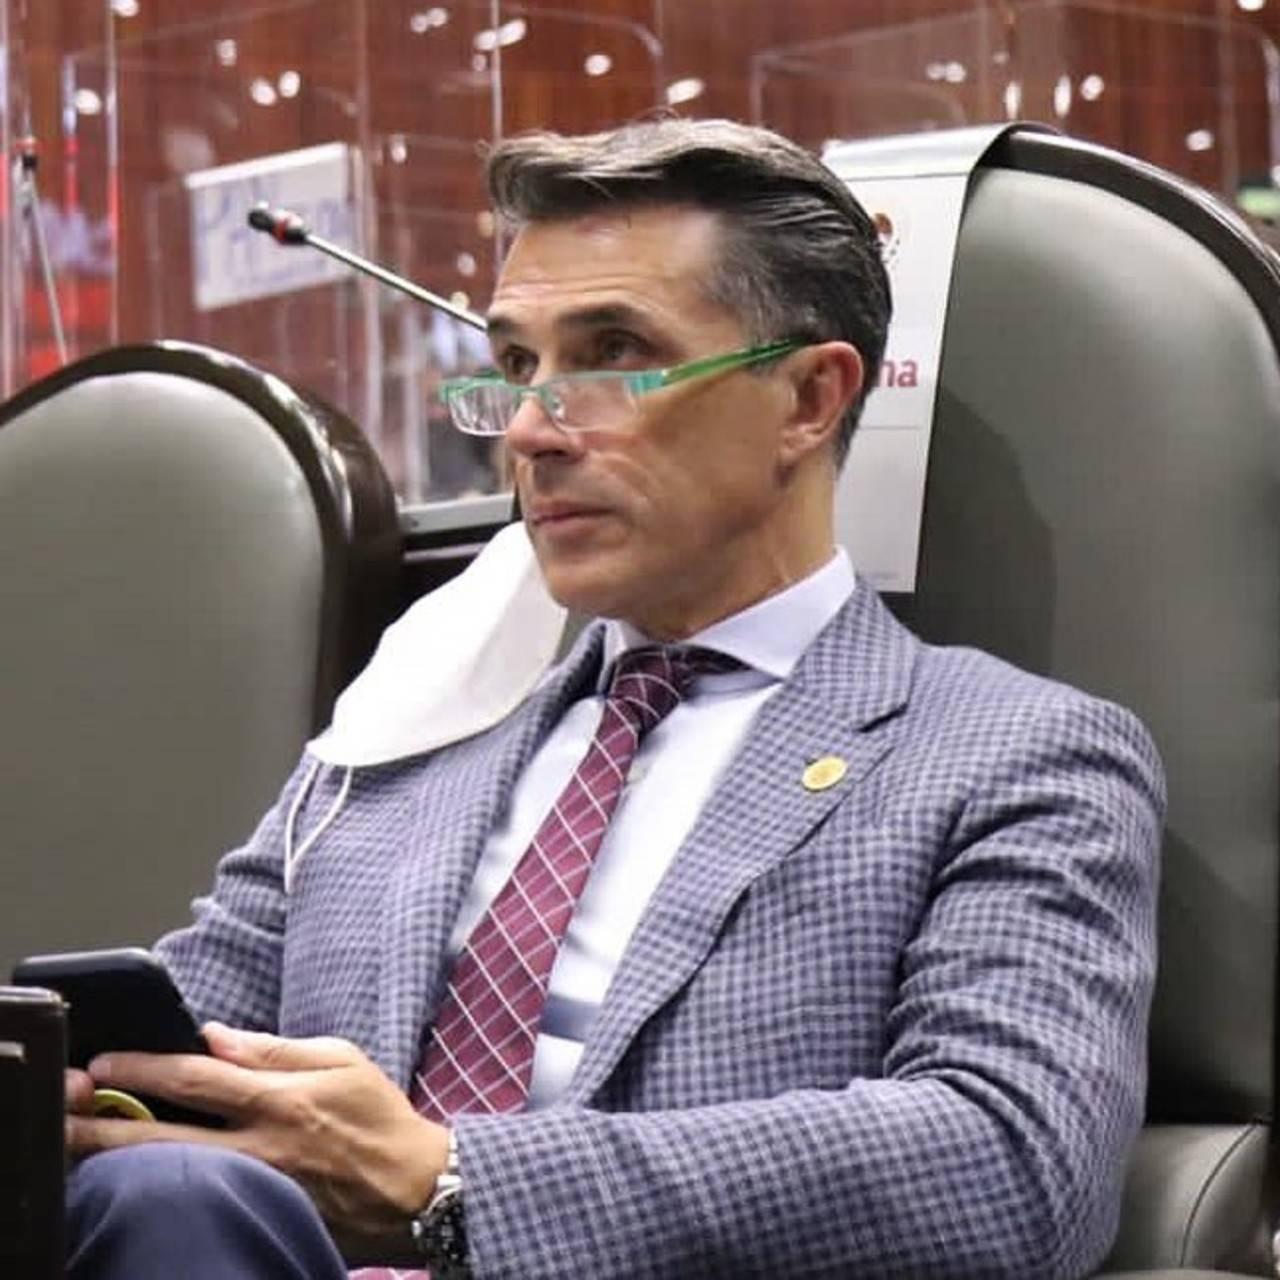 sergio mayer ricardo crespo abogados hija denuncia abuso